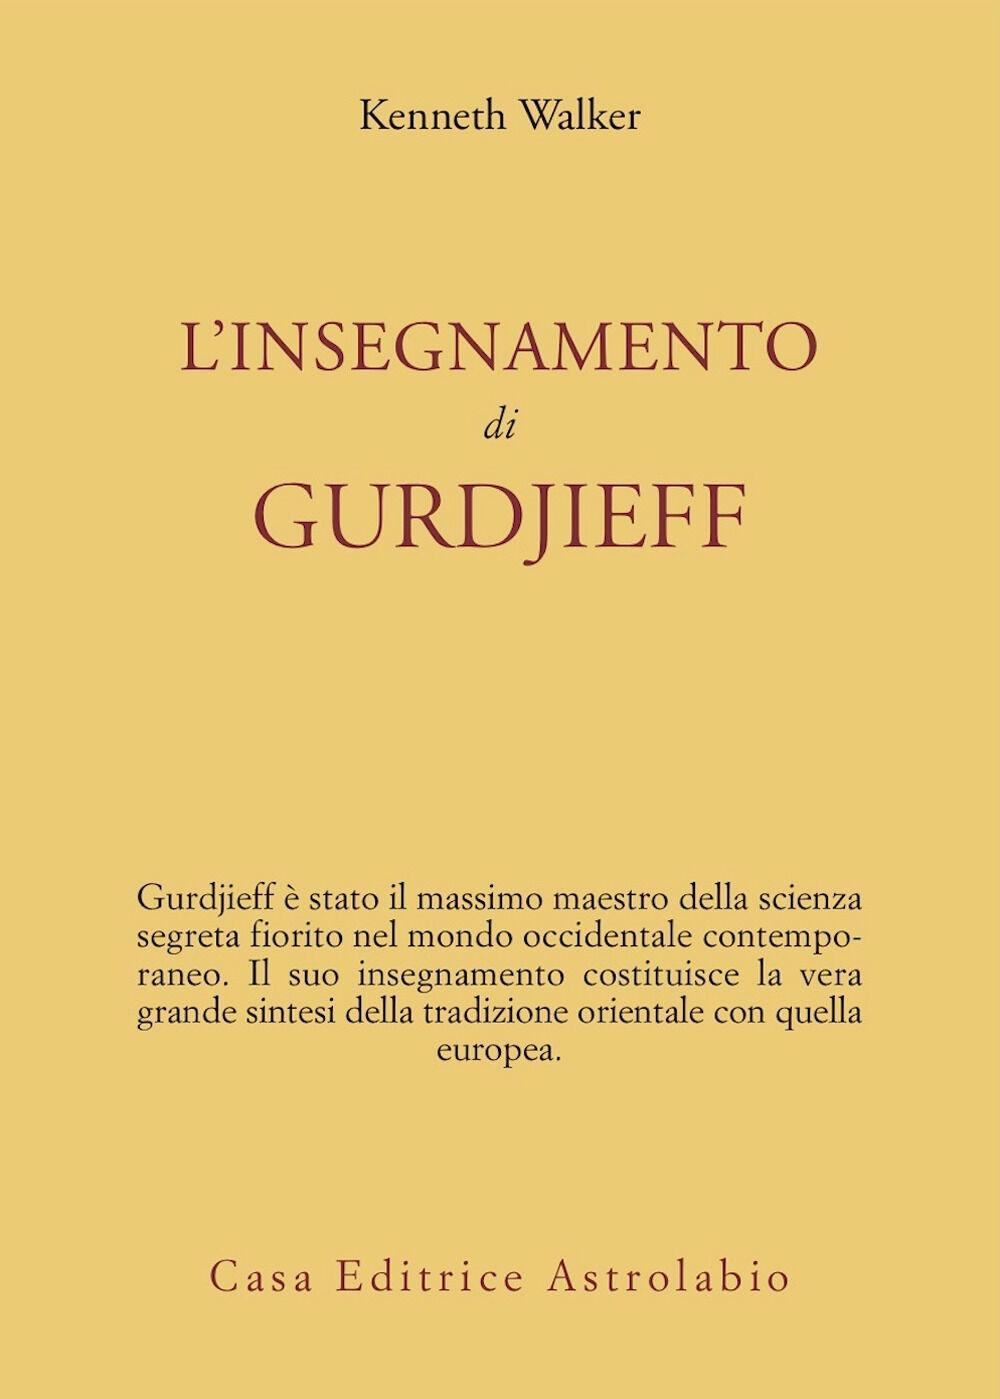 L' insegnamento di Gurdjieff